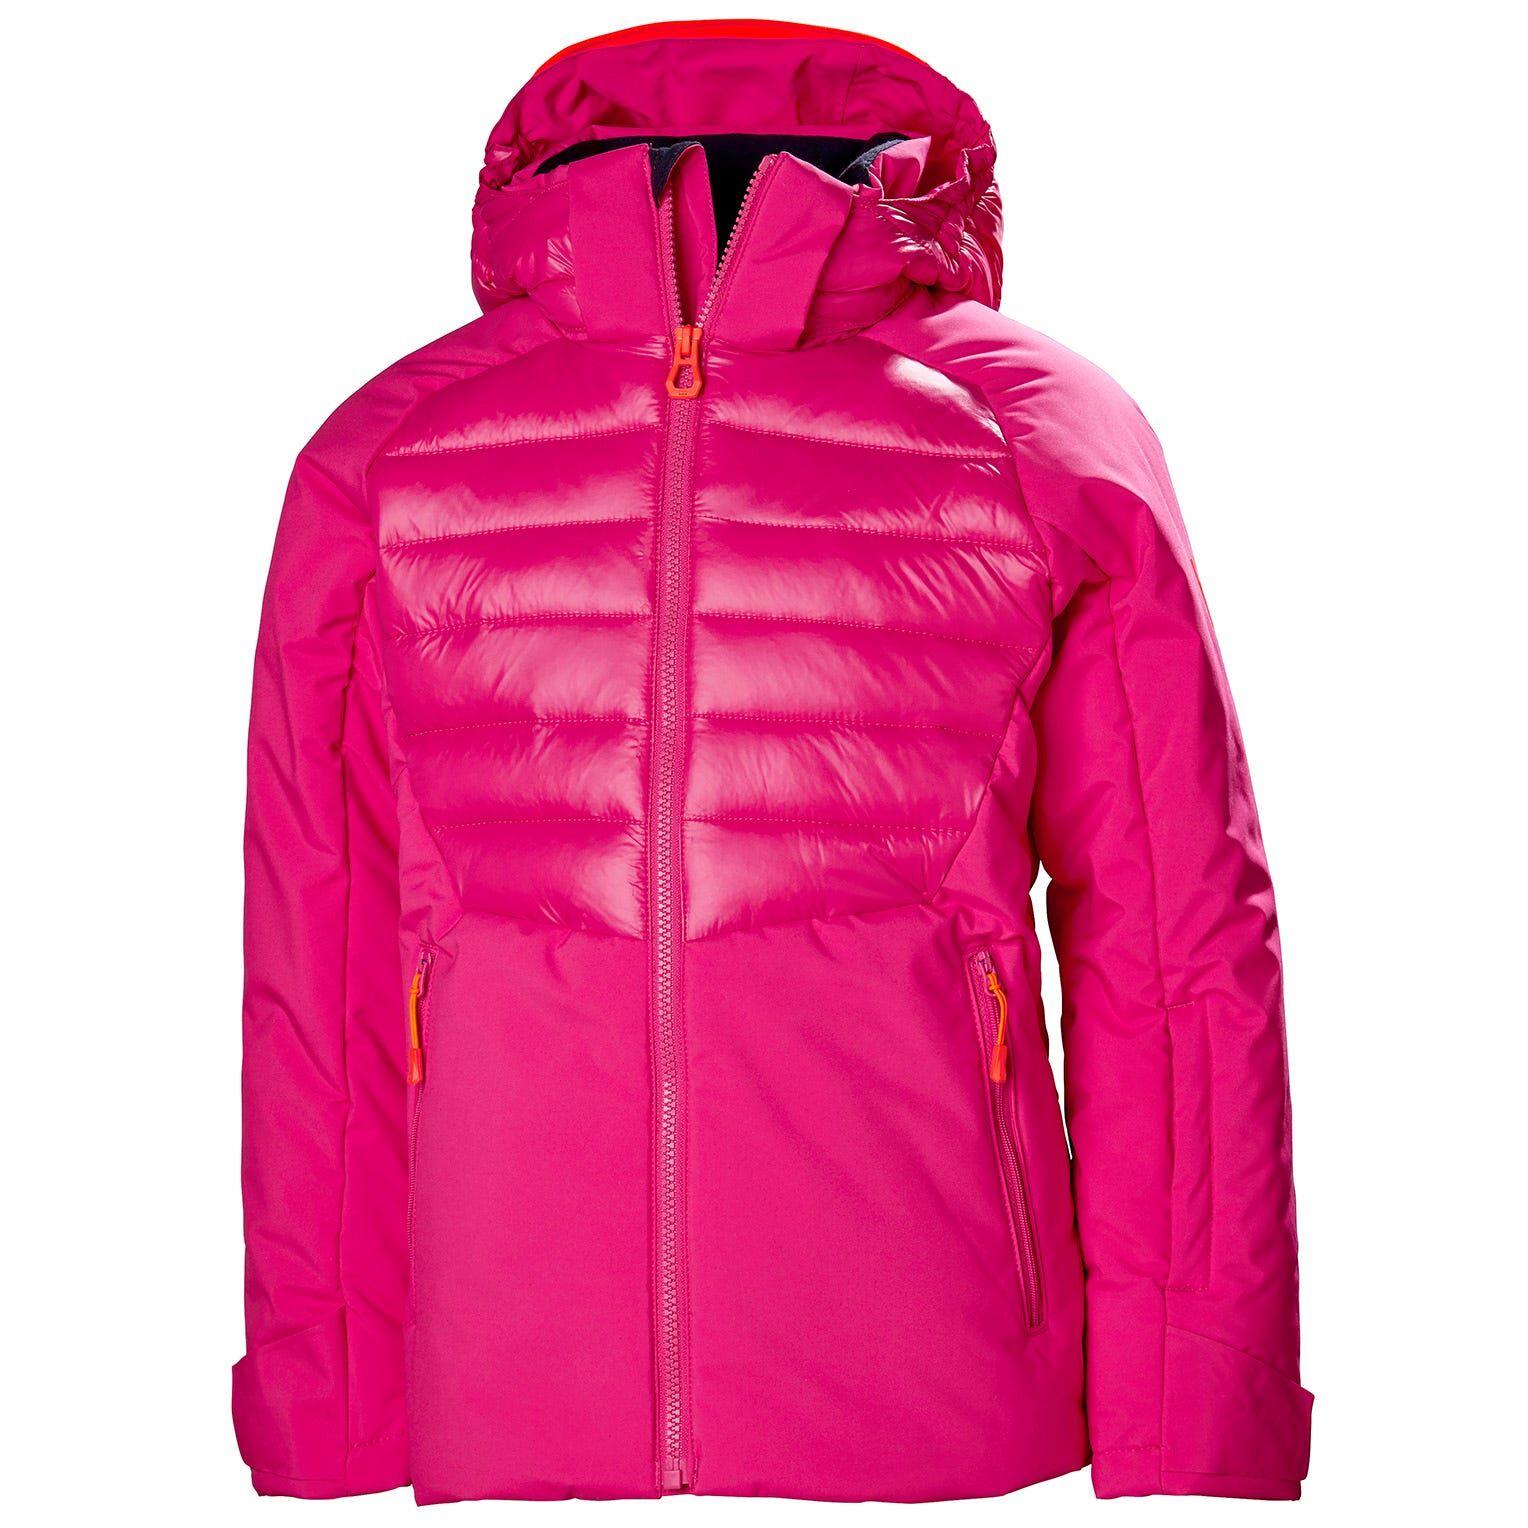 Helly Hansen Junior Snowstar Jacket Kids Pink 164/14